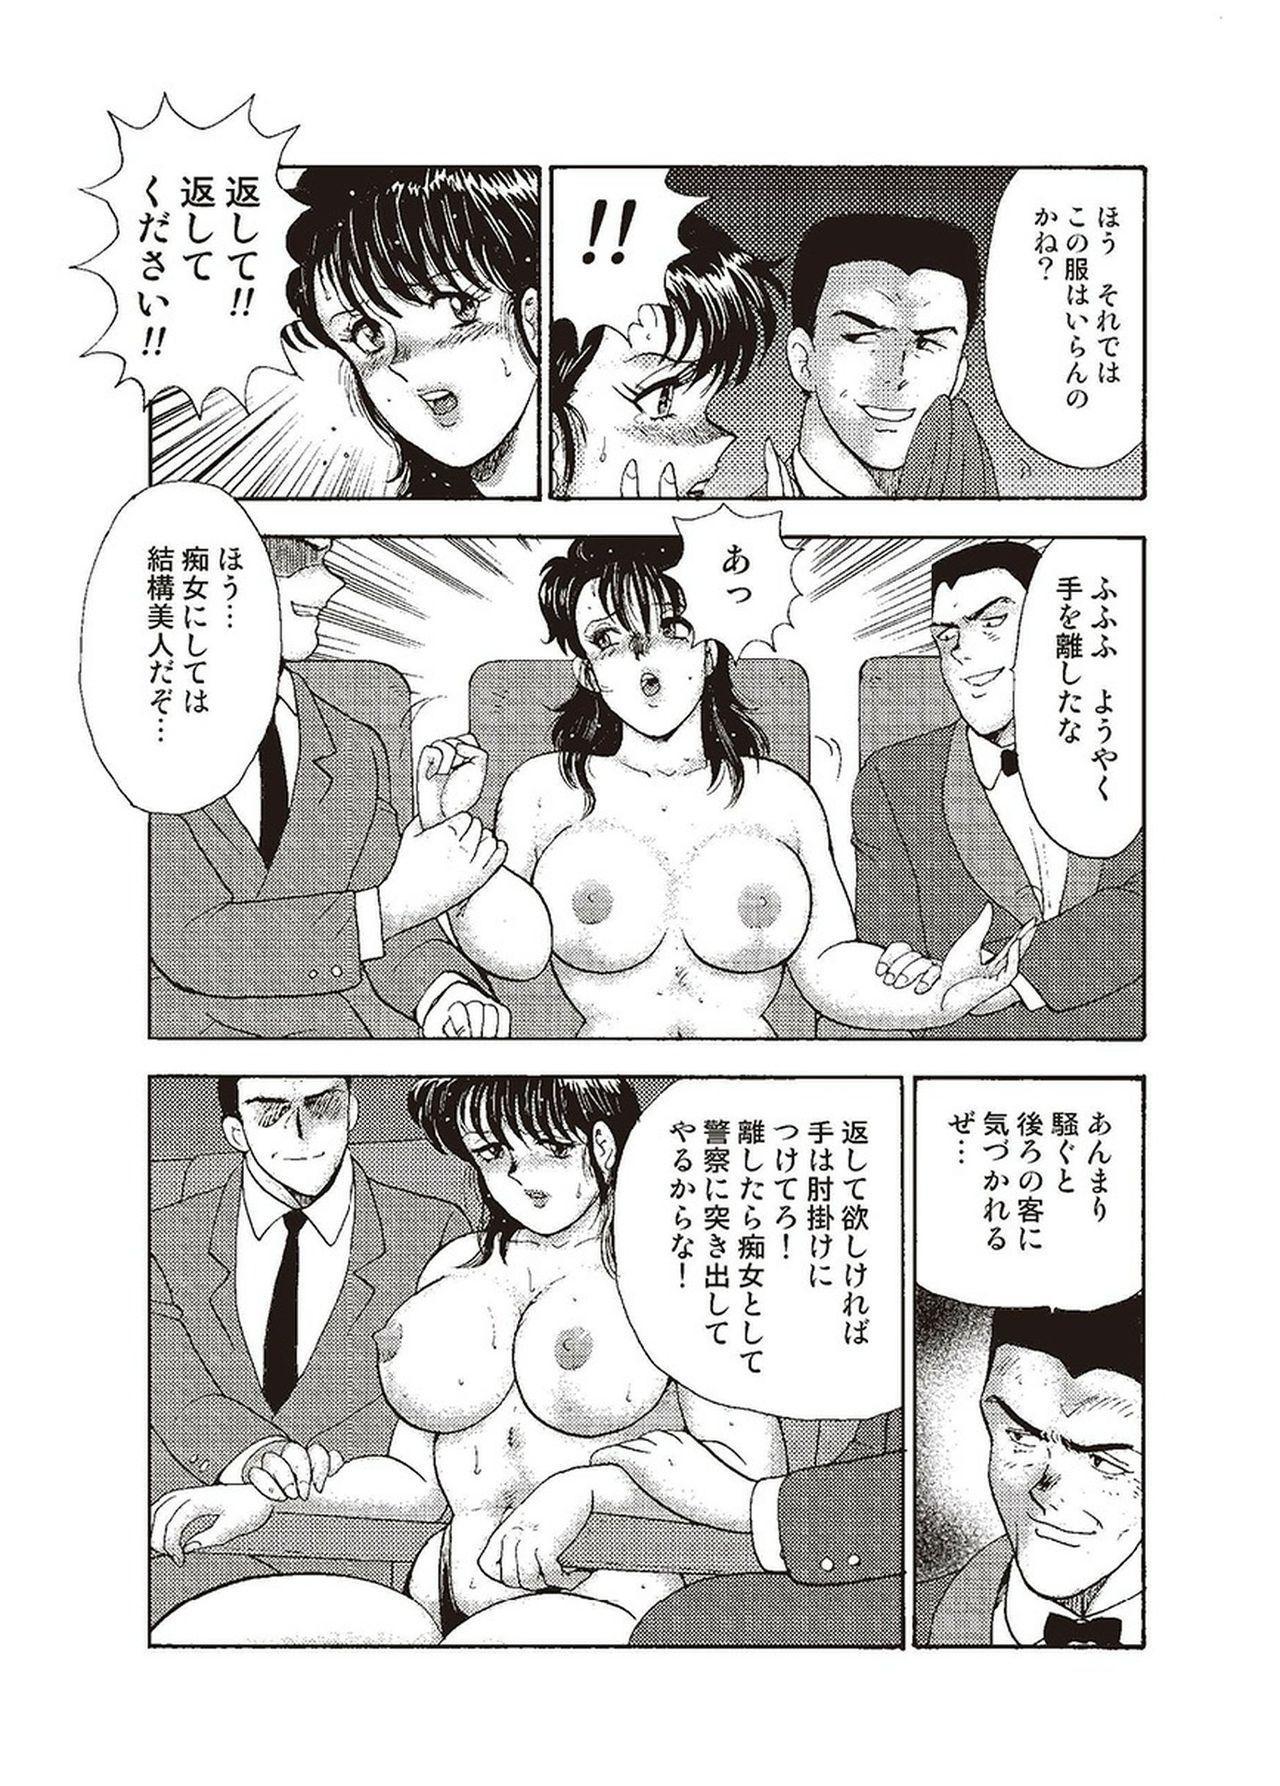 Maihime Chigoku no Ori Ni 149